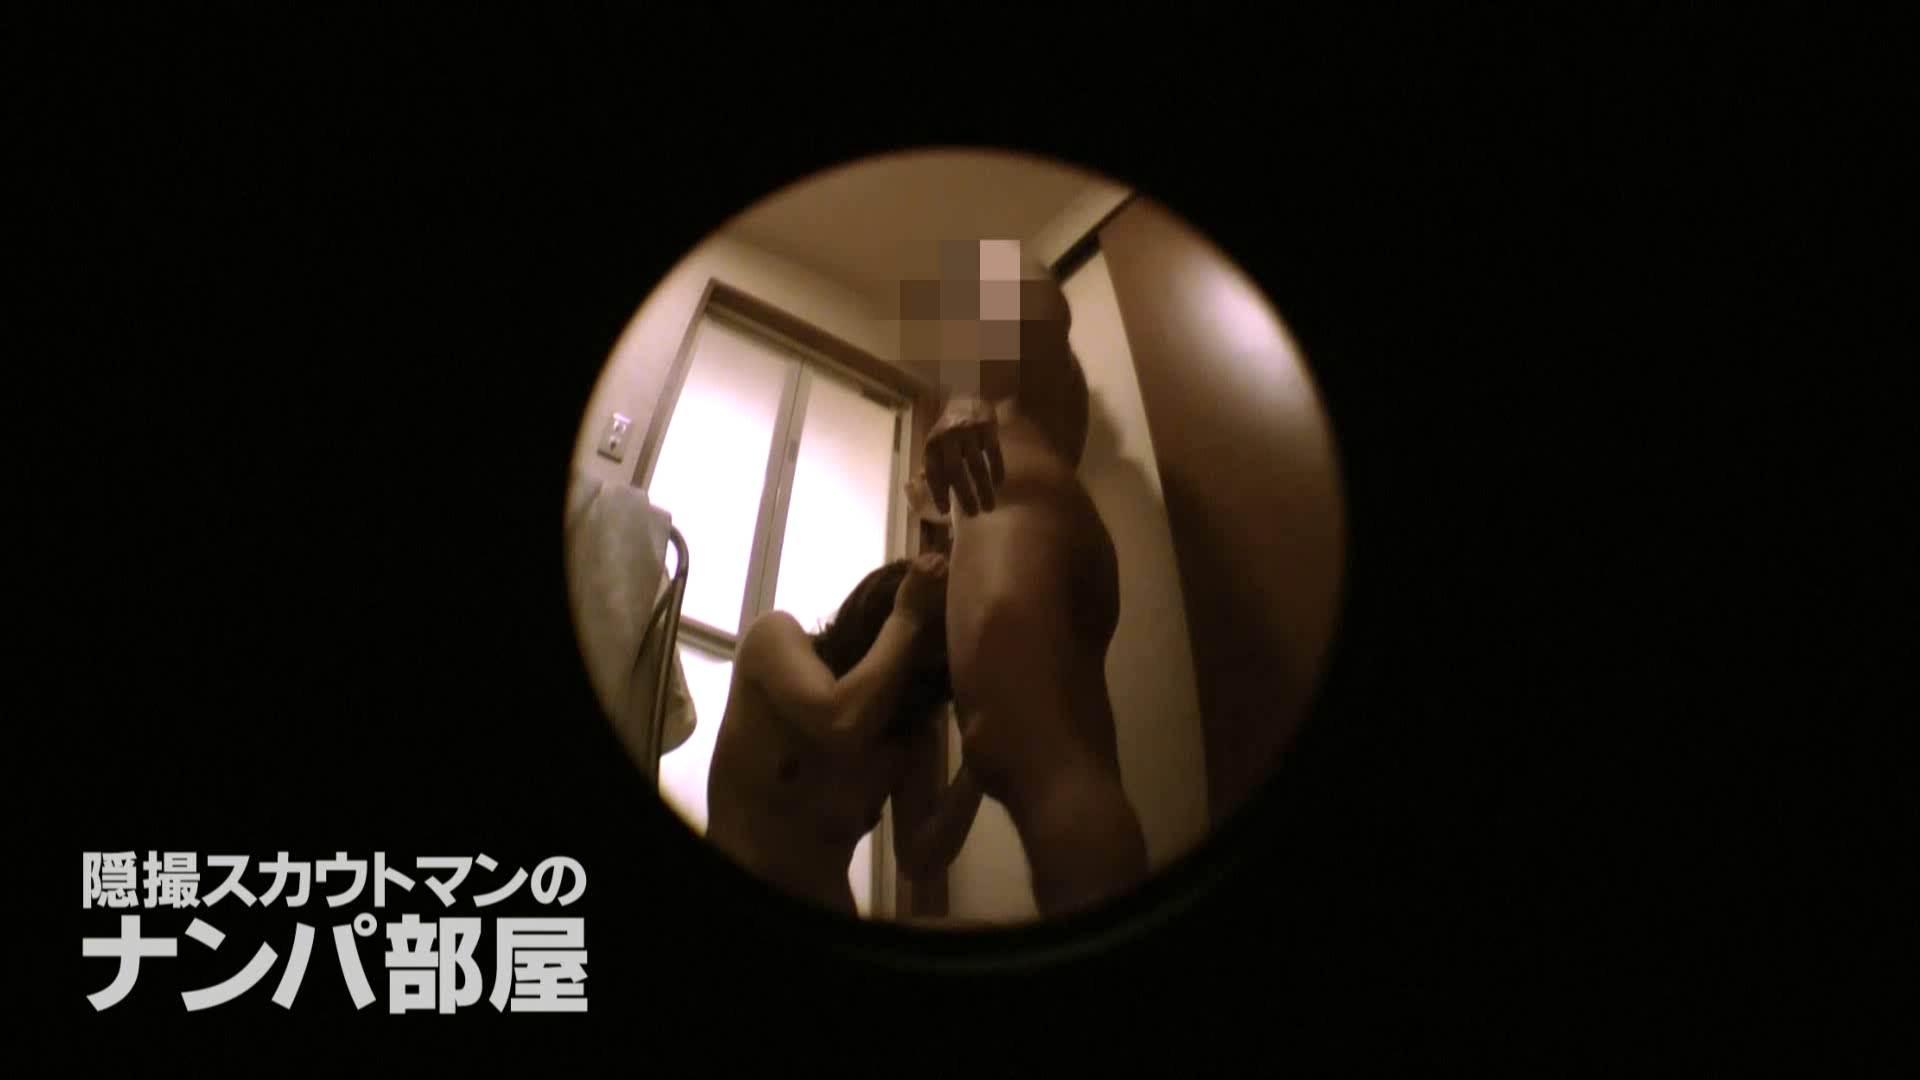 隠撮スカウトマンのナンパ部屋~風俗デビュー前のつまみ食い~ siivol.4 色っぽいOL達 オメコ動画キャプチャ 74pic 32